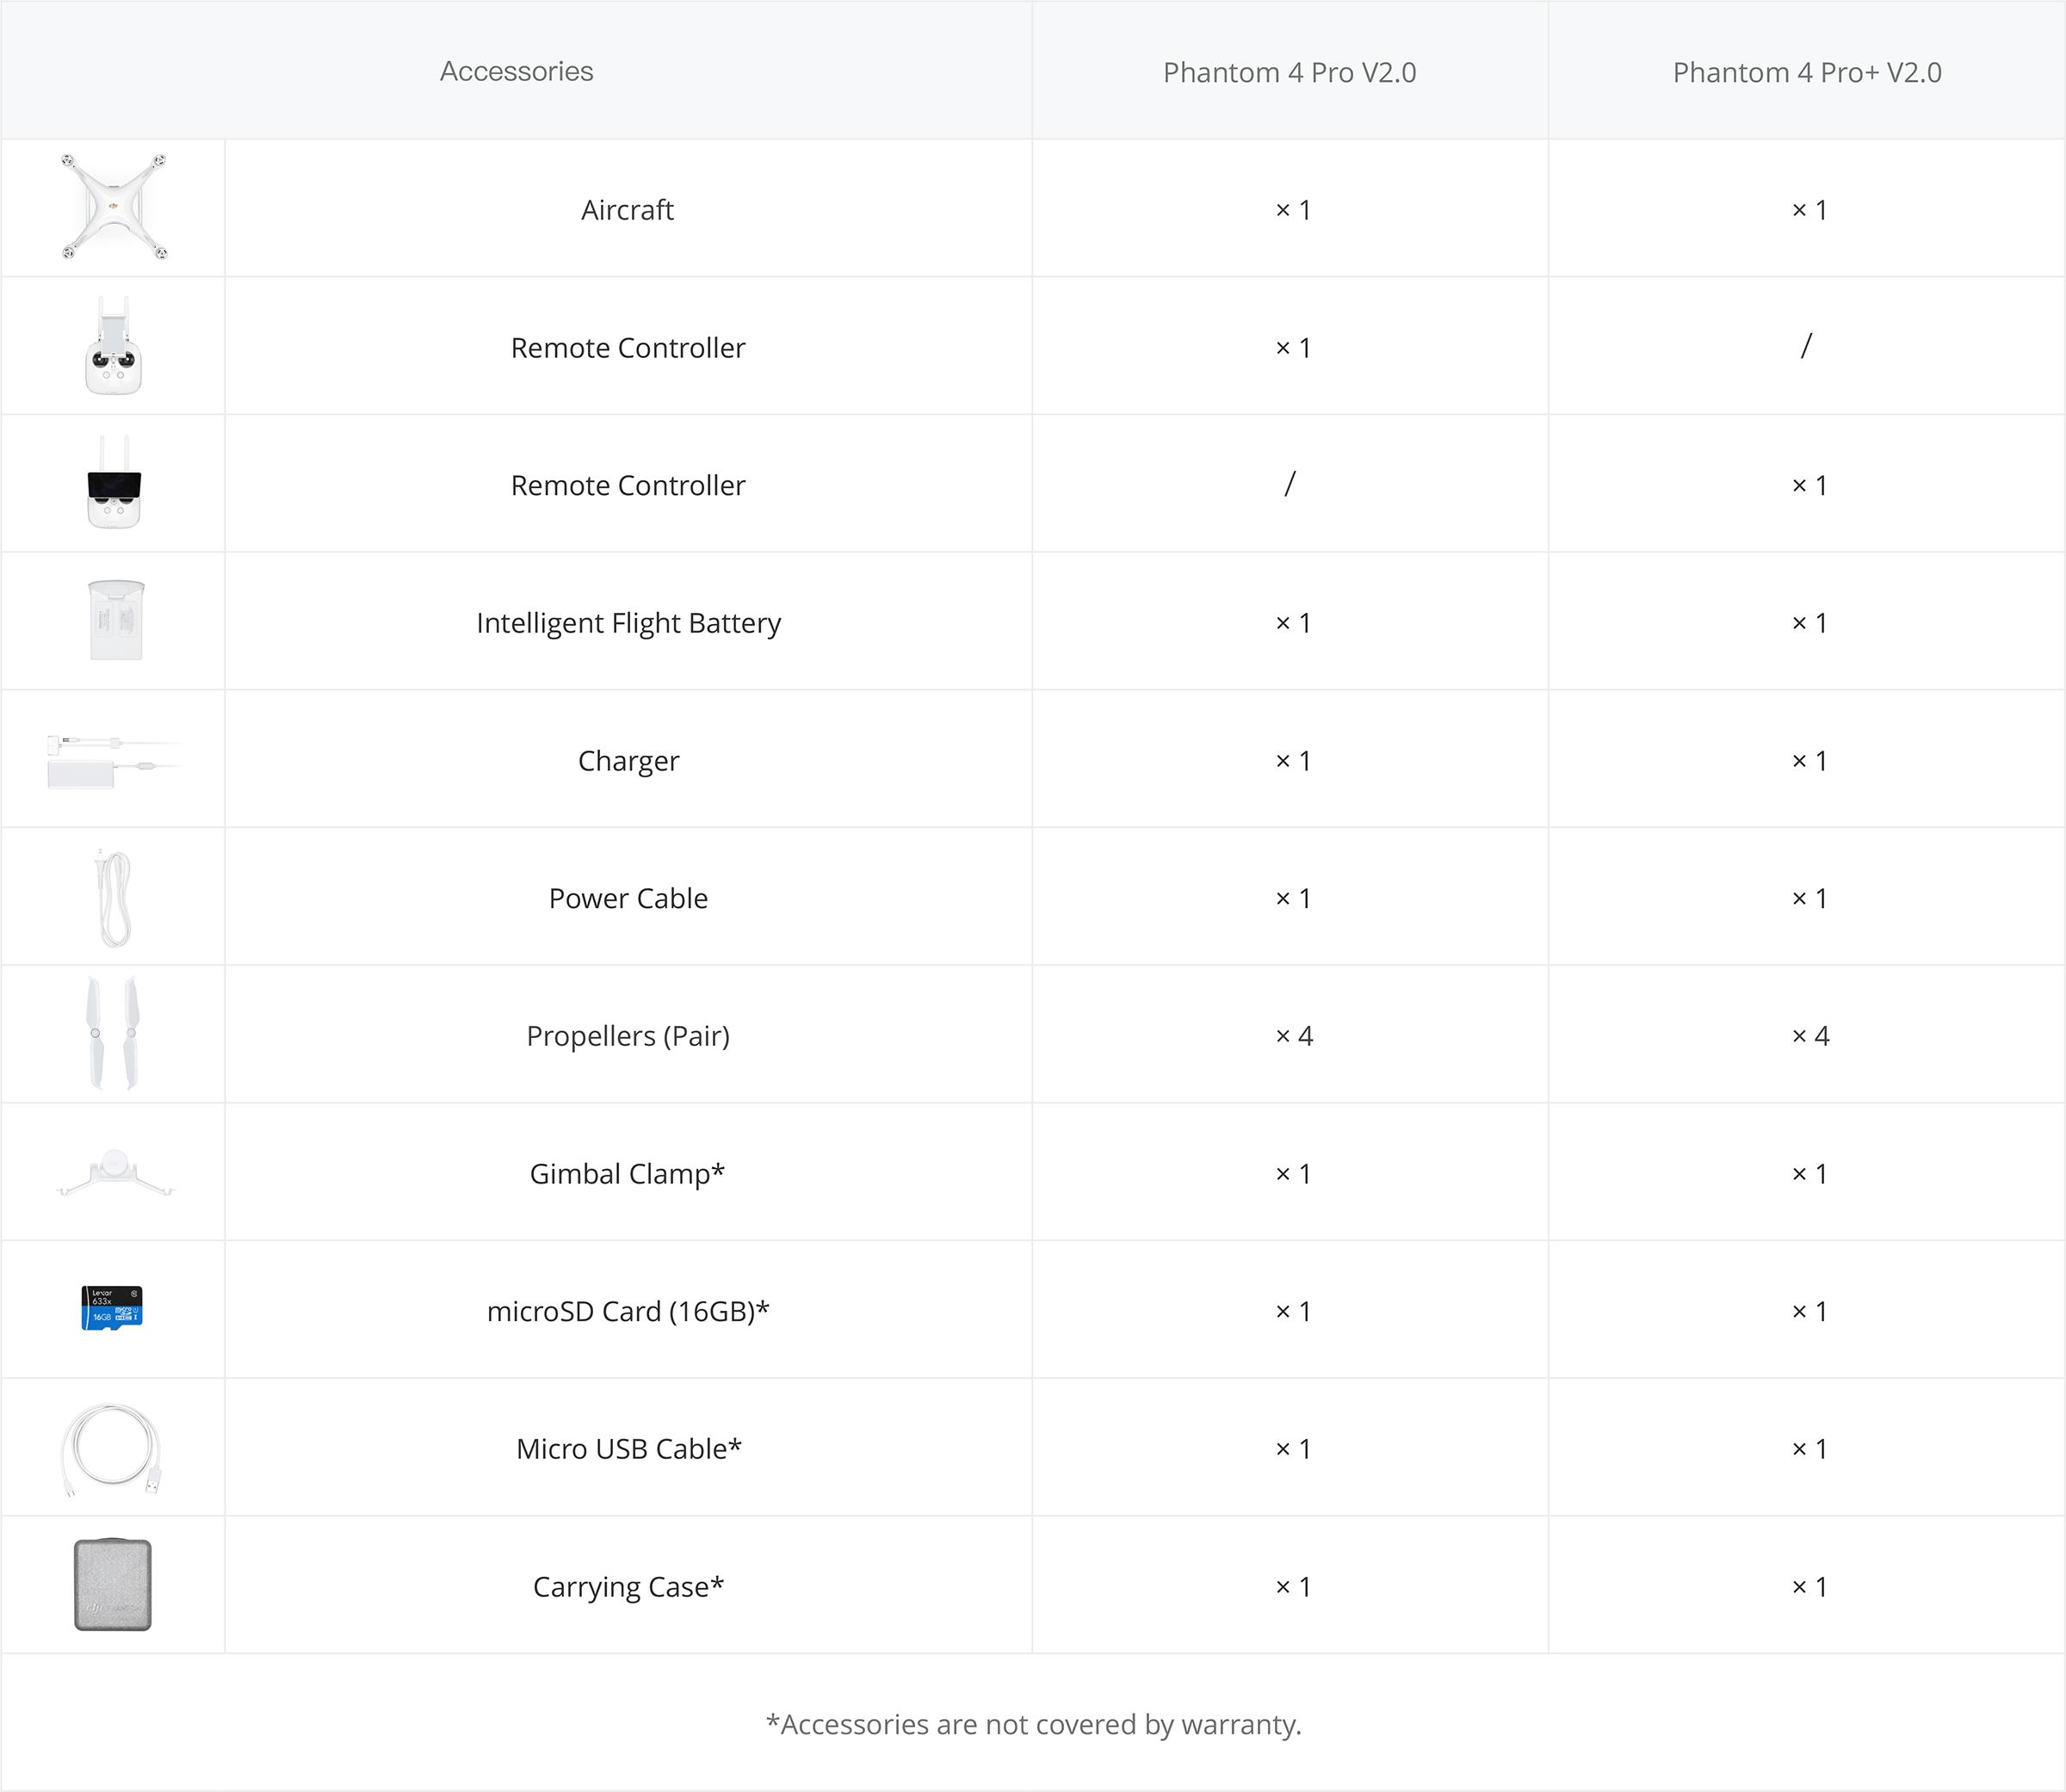 P4P%20V2.0%20in%20the%20box-EN.png